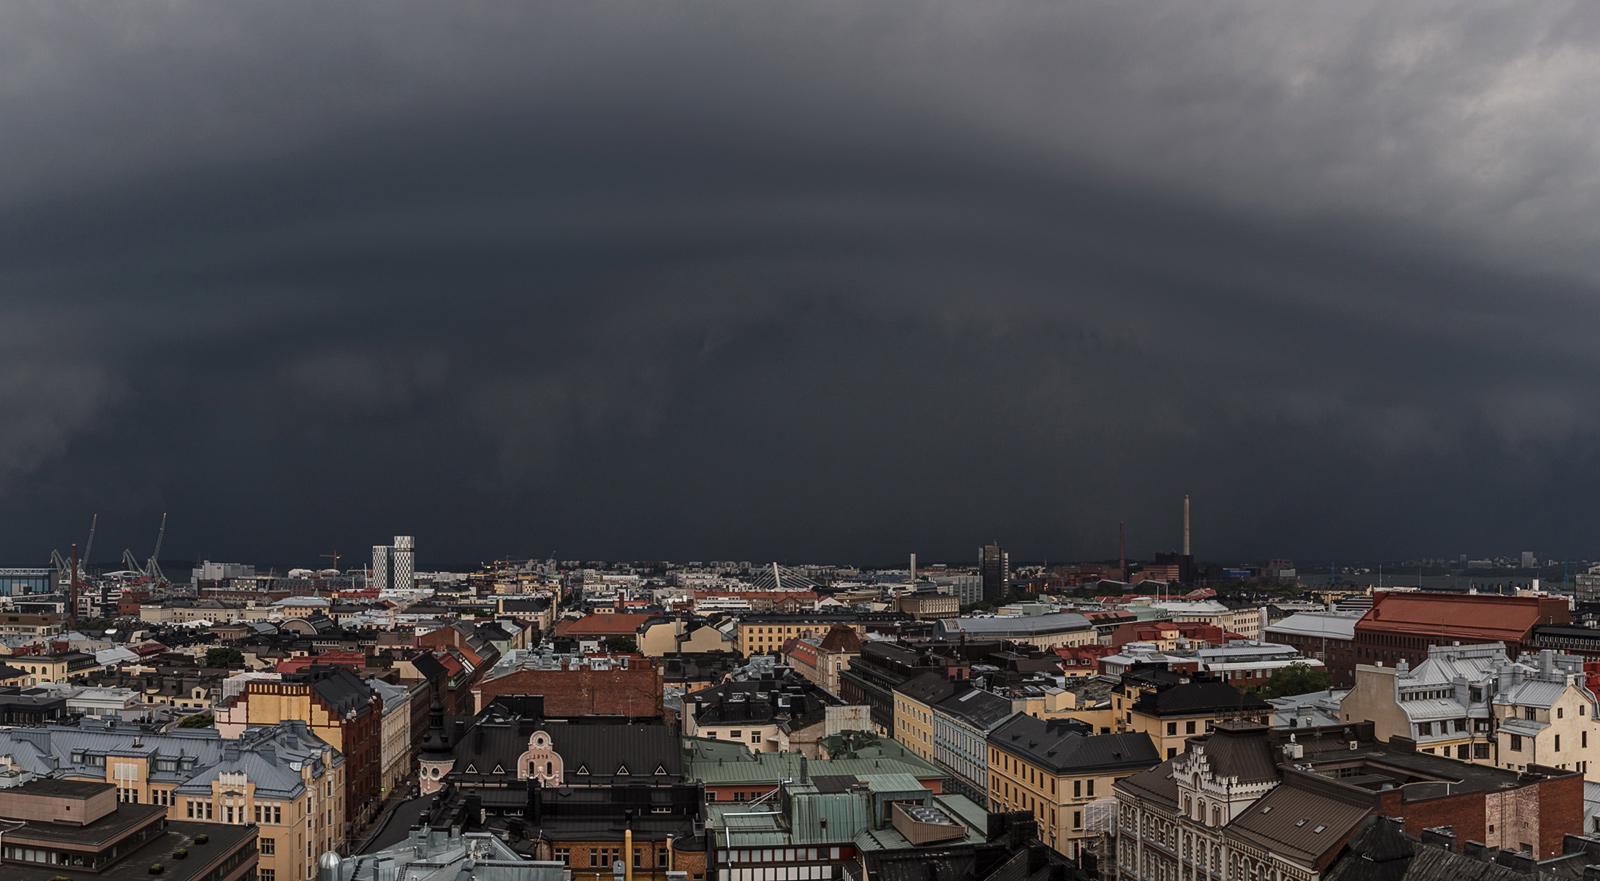 Sään ääri-ilmiöt ovat yksi uhka, johon pitää kyetä varautumaan. Kiira-myrsky riehui toissa vuonna pääkaupunkiseudulla.